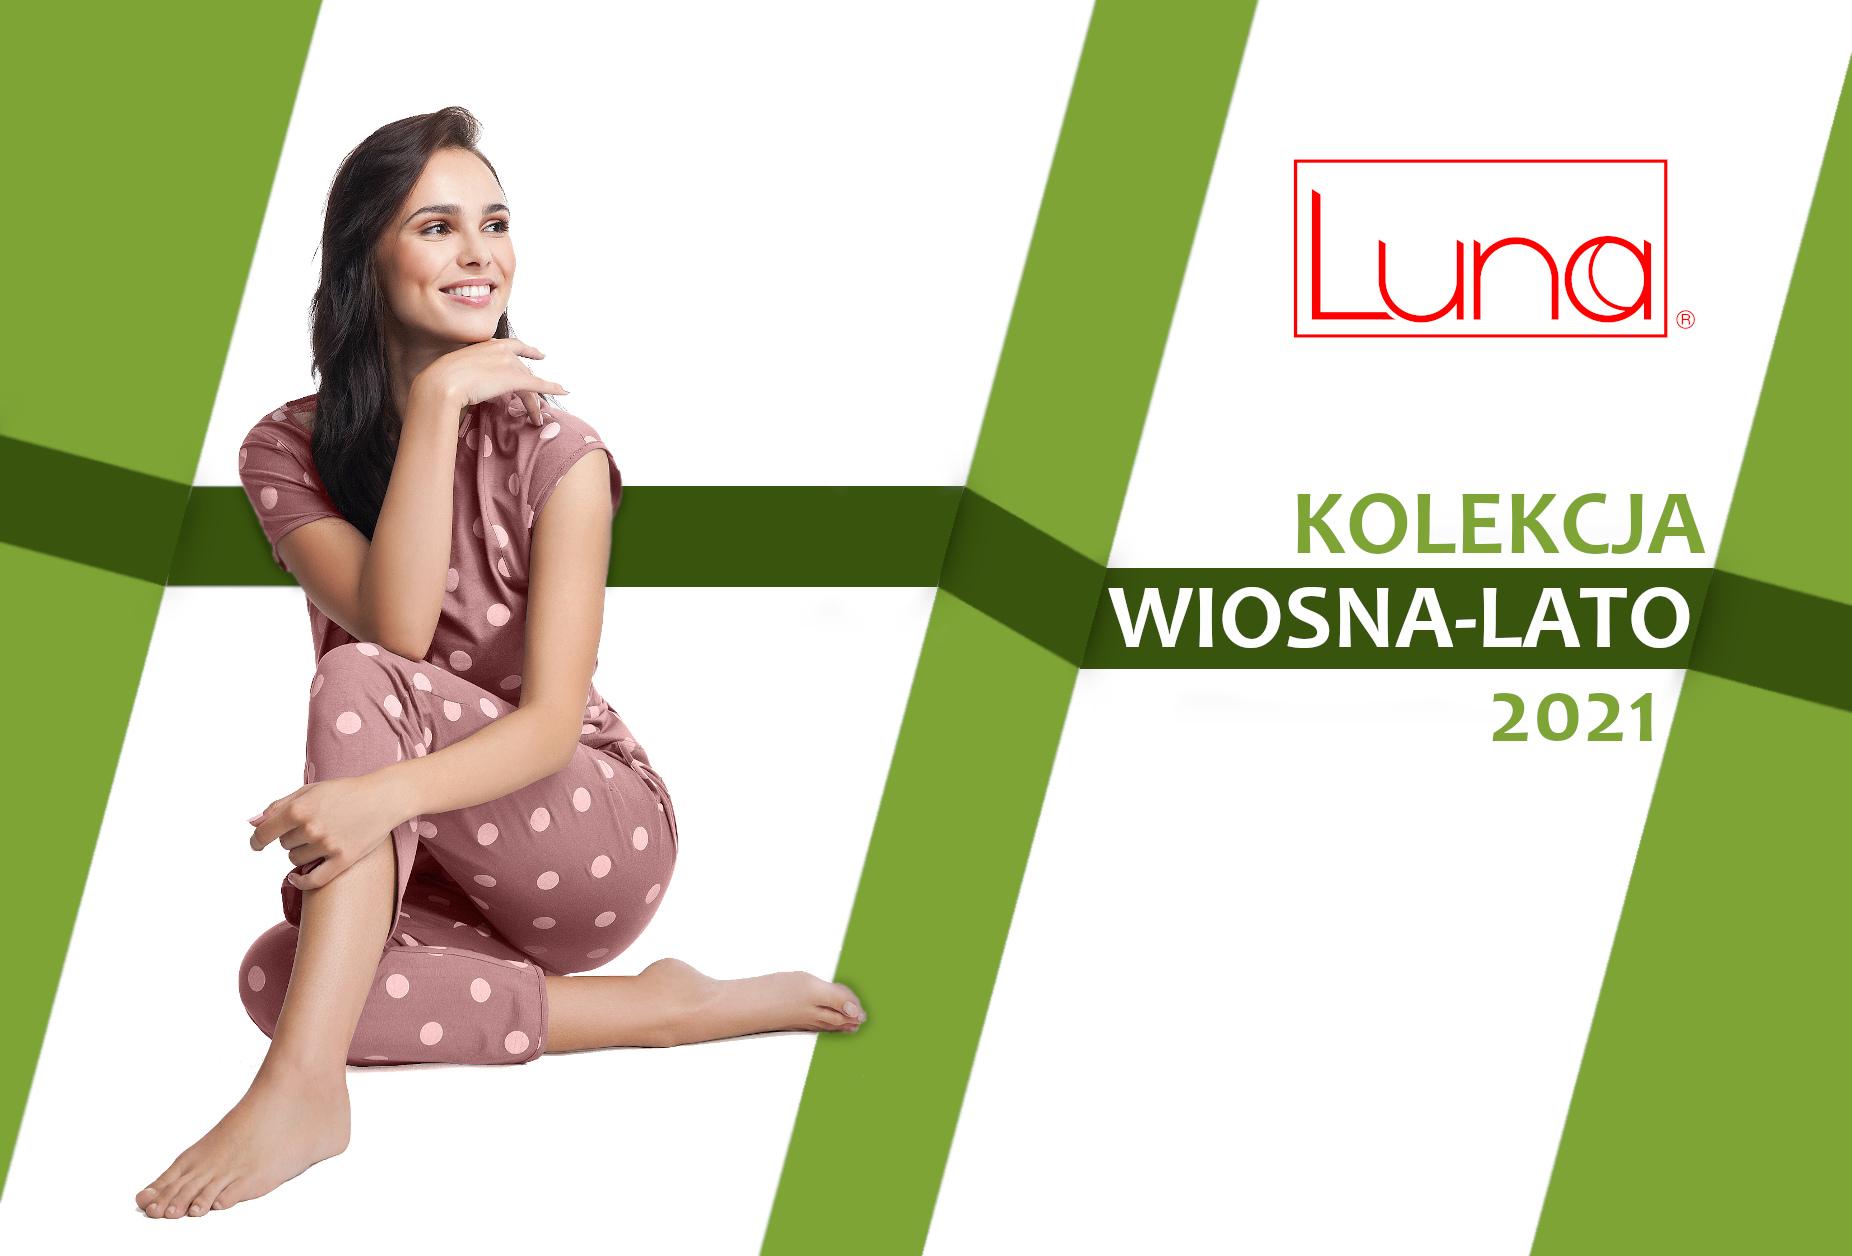 banner-luna-wiosna-lato-2021-luna-info-pl-1